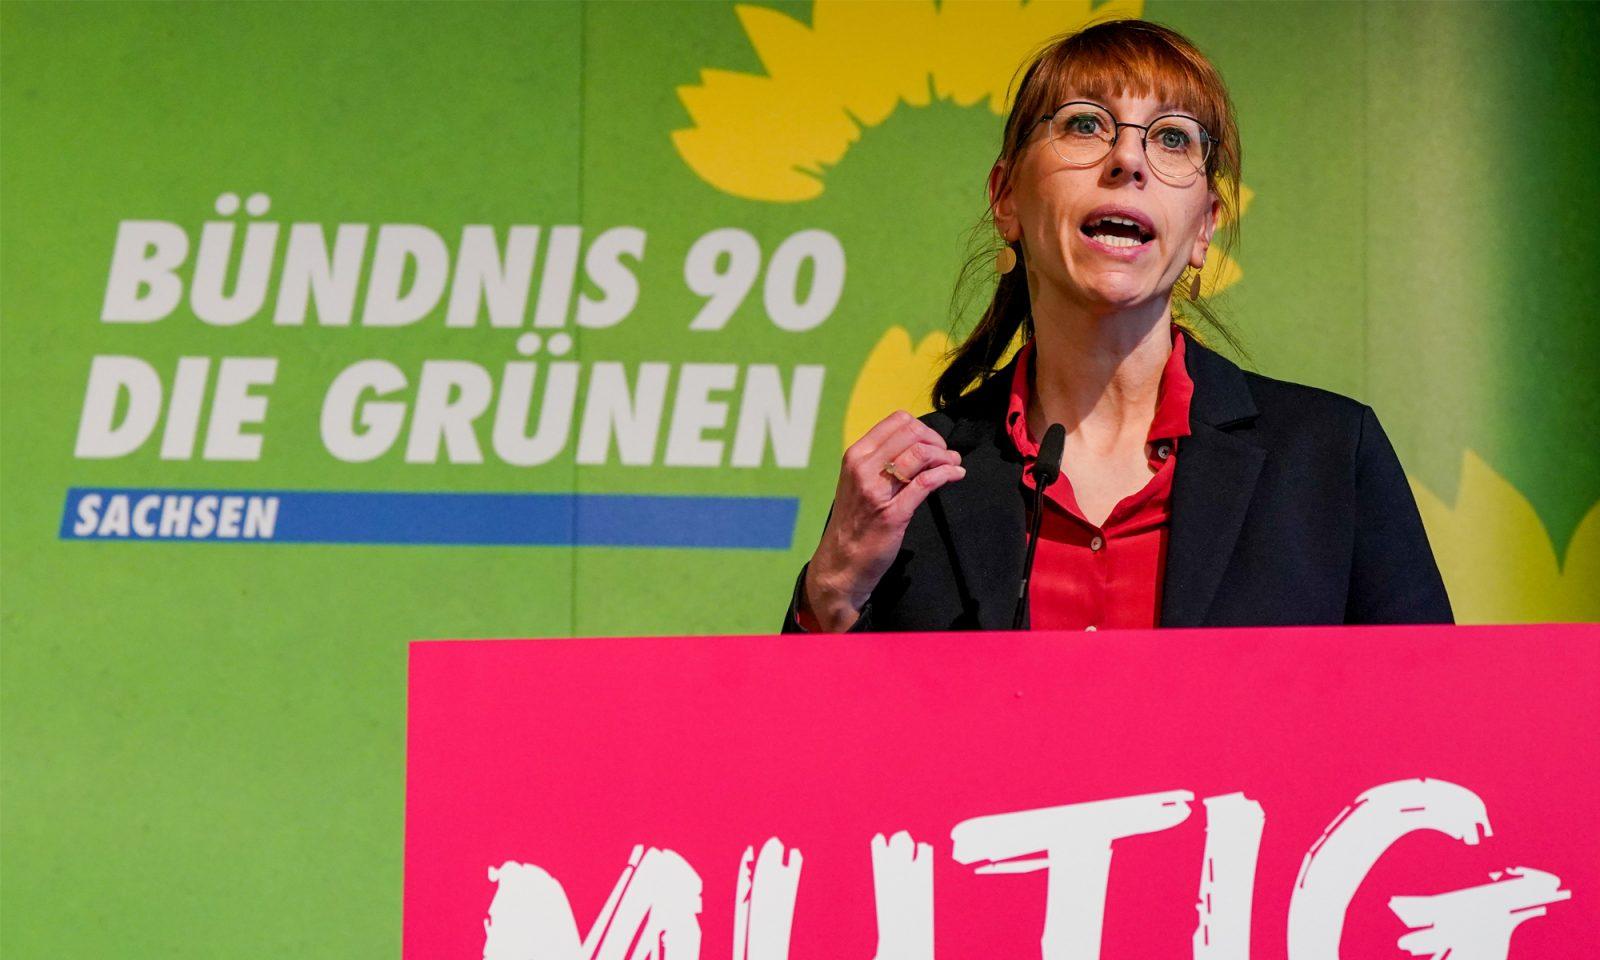 Die Freien Wähler werfen Sachsens Justizministerin Katja Meier (Grüne) Ämterpatronage vor Foto: picture alliance/Peter Endig/dpa-Zentralbild/dpa